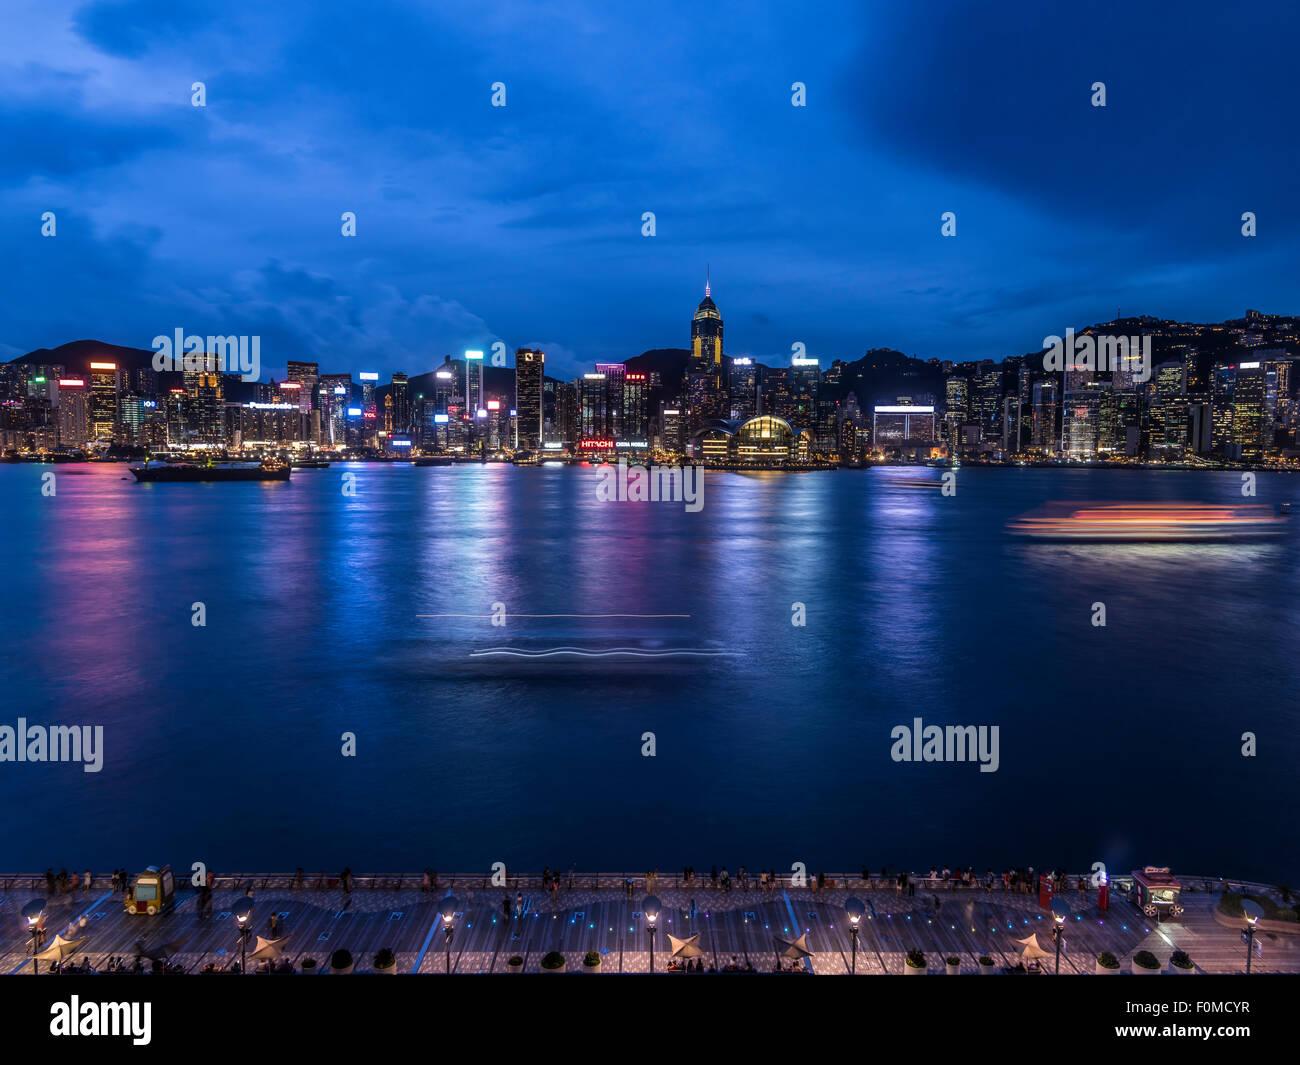 Hong Kong skyline at dusk from the iconic Intercontinental Hotel,Tsim Sha Tsui, Hong Kong - Stock Image